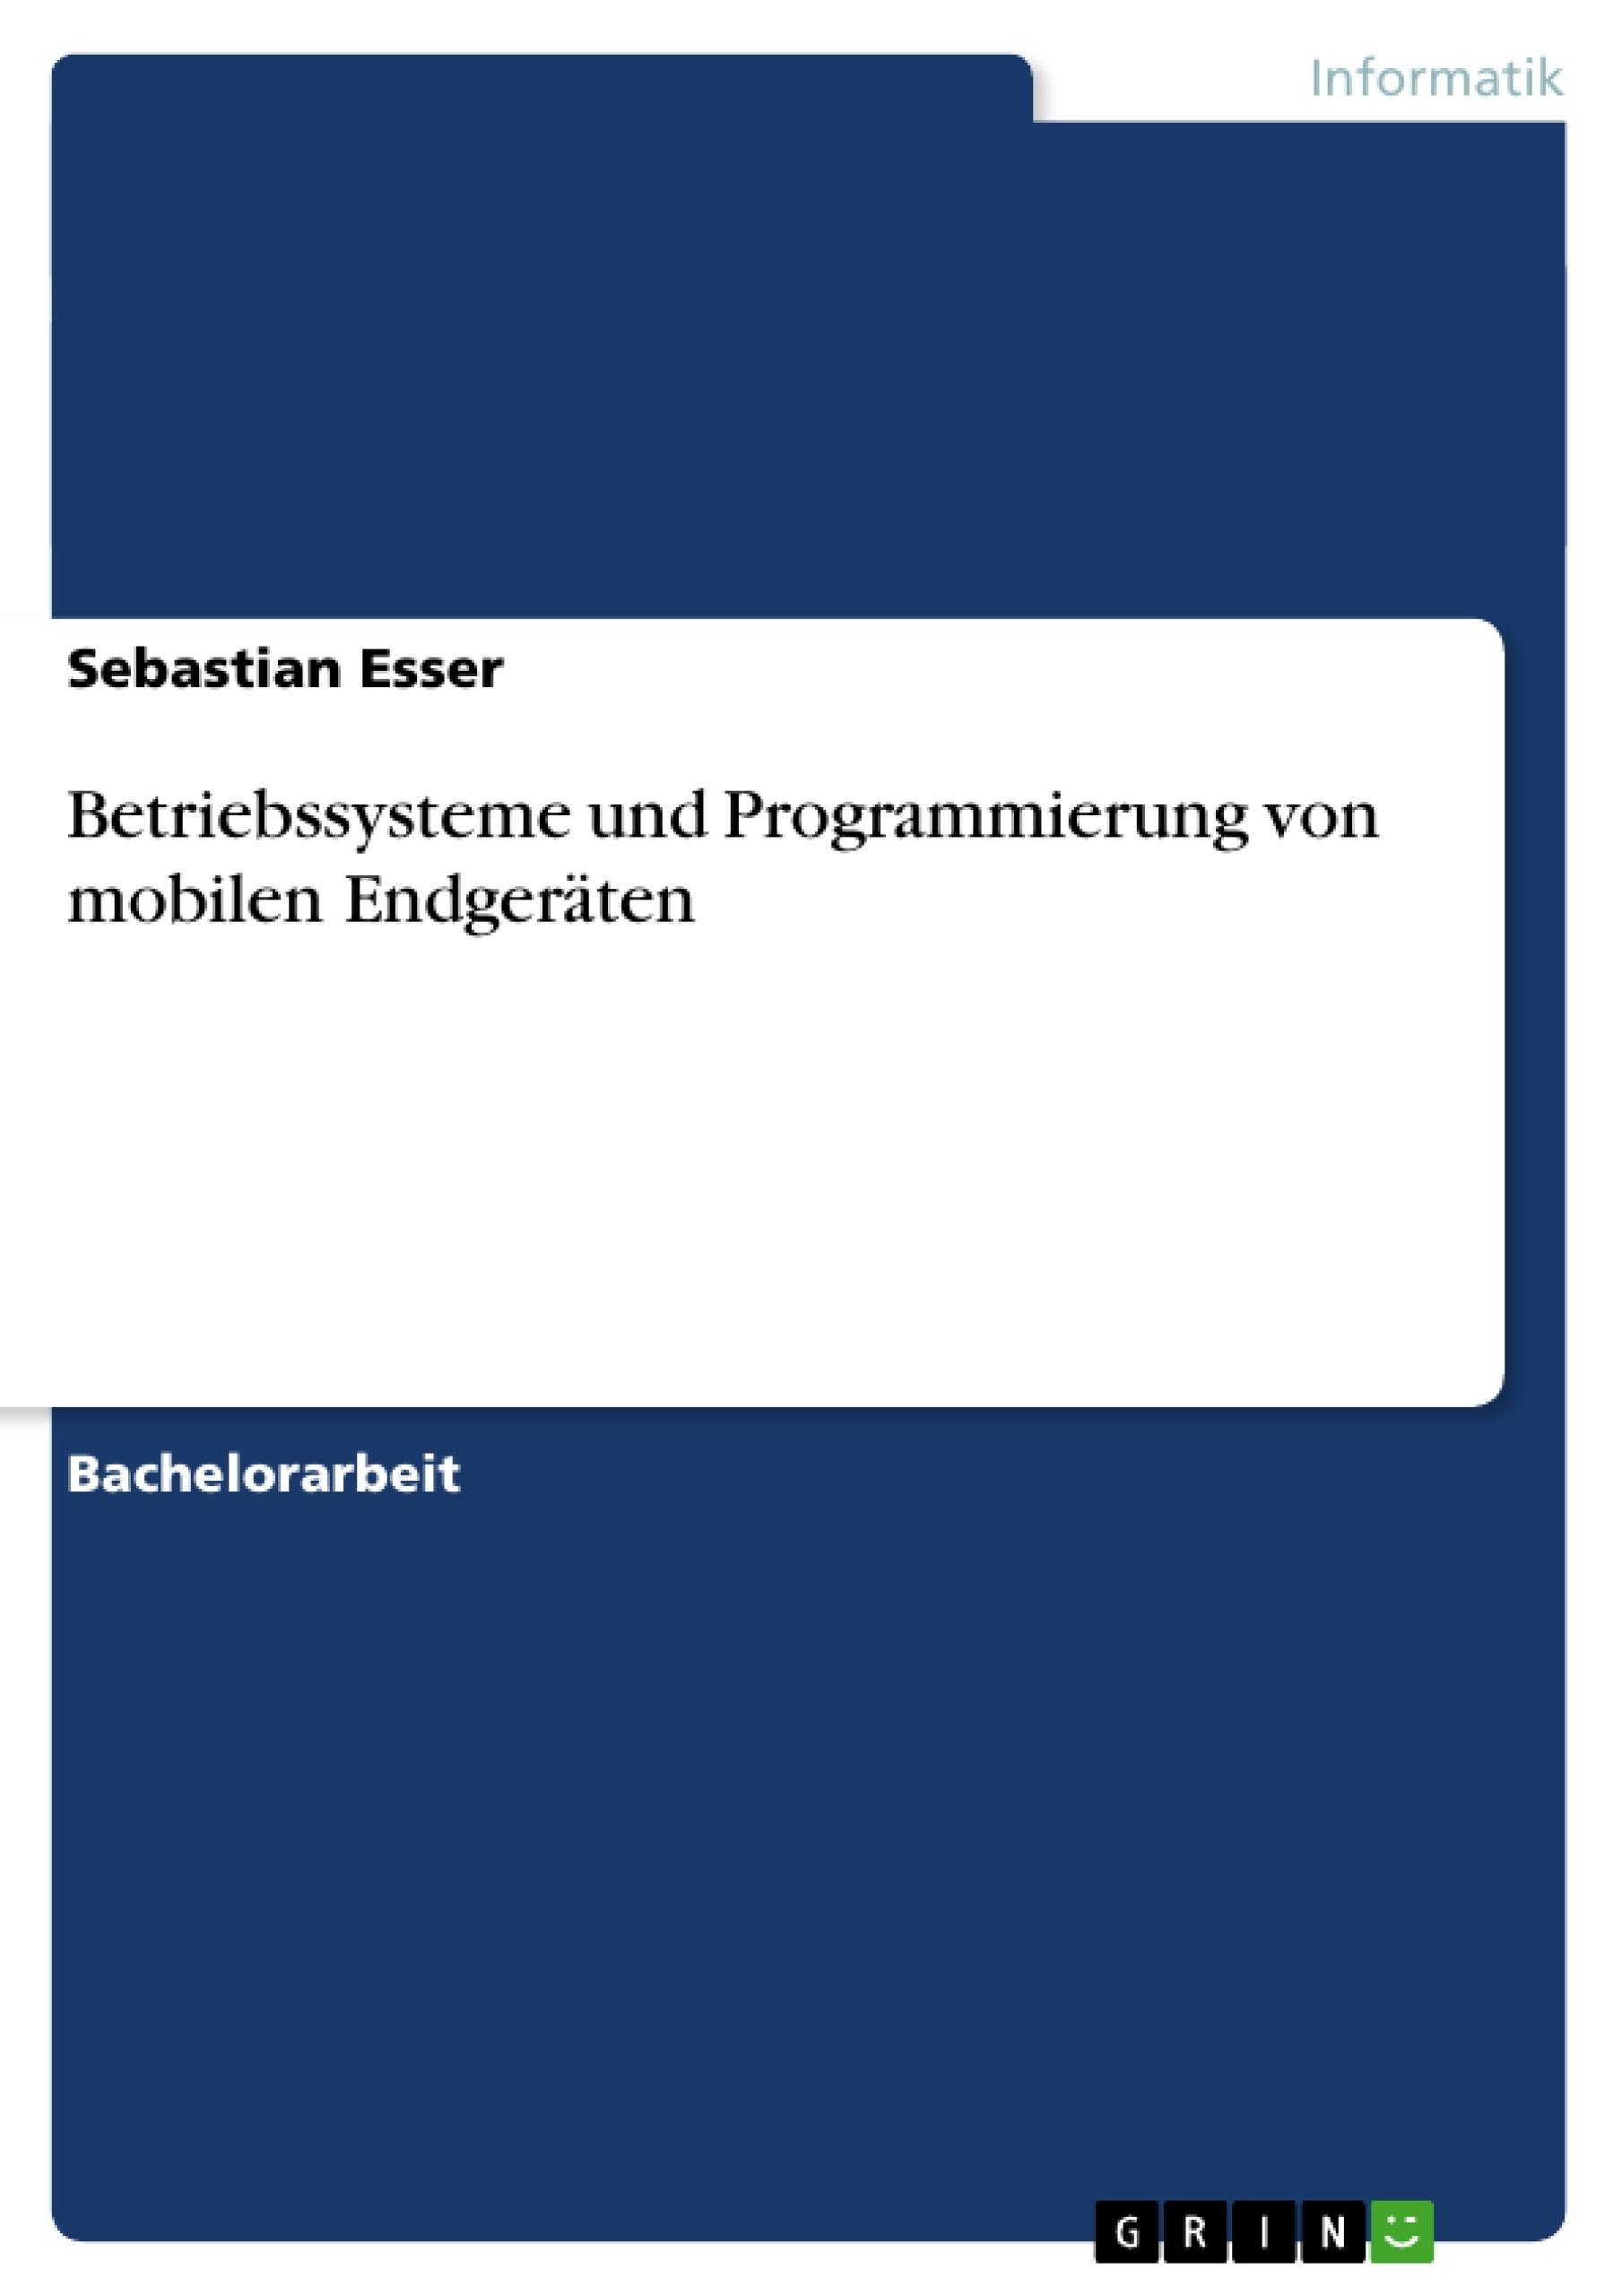 Titel: Betriebssysteme und Programmierung von mobilen Endgeräten